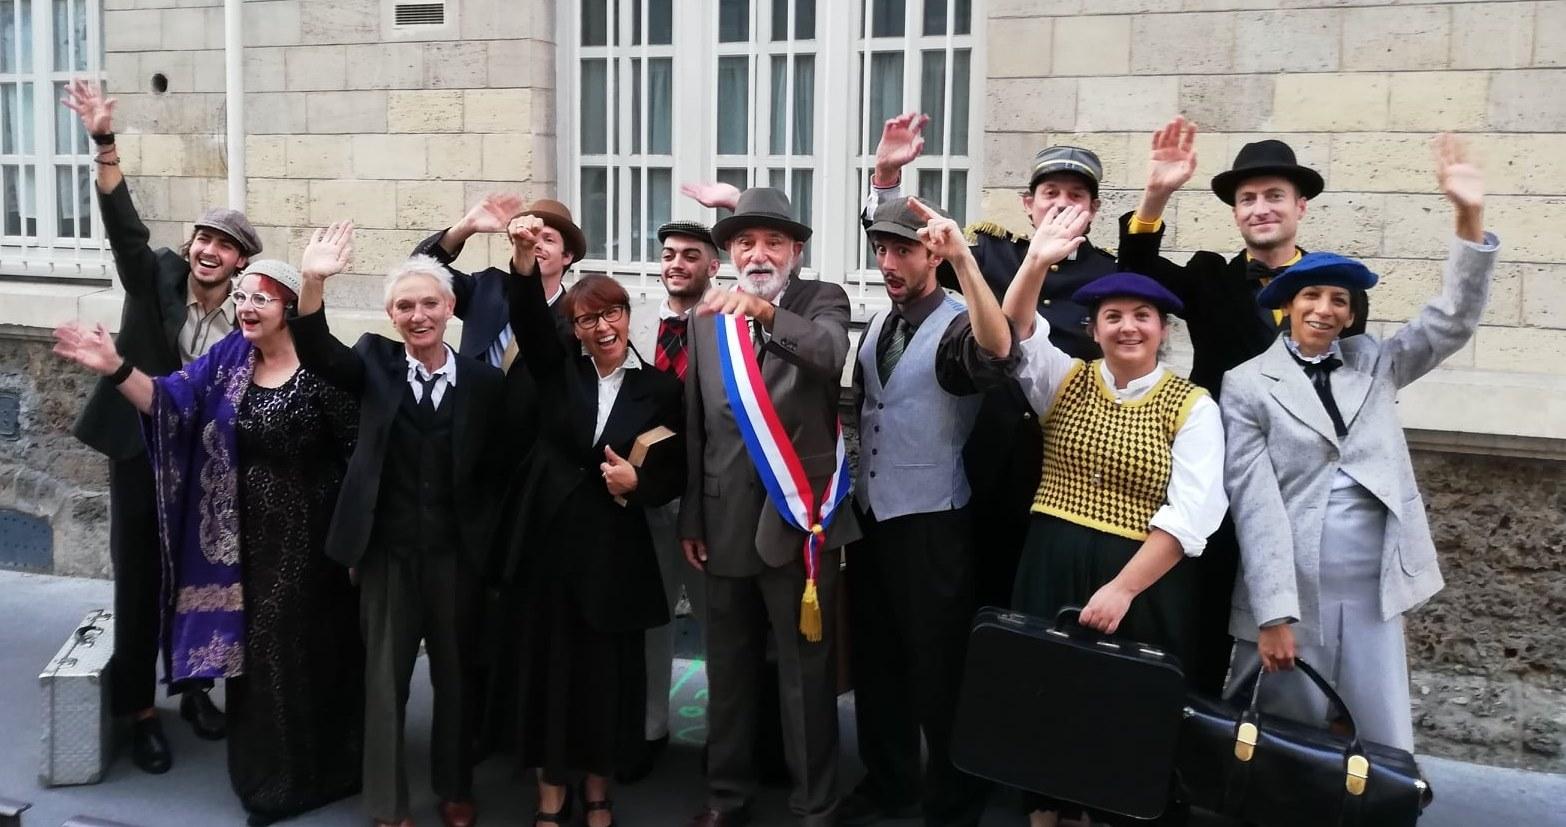 l'équipe de Boris Vian et les Pistons à Angoulême